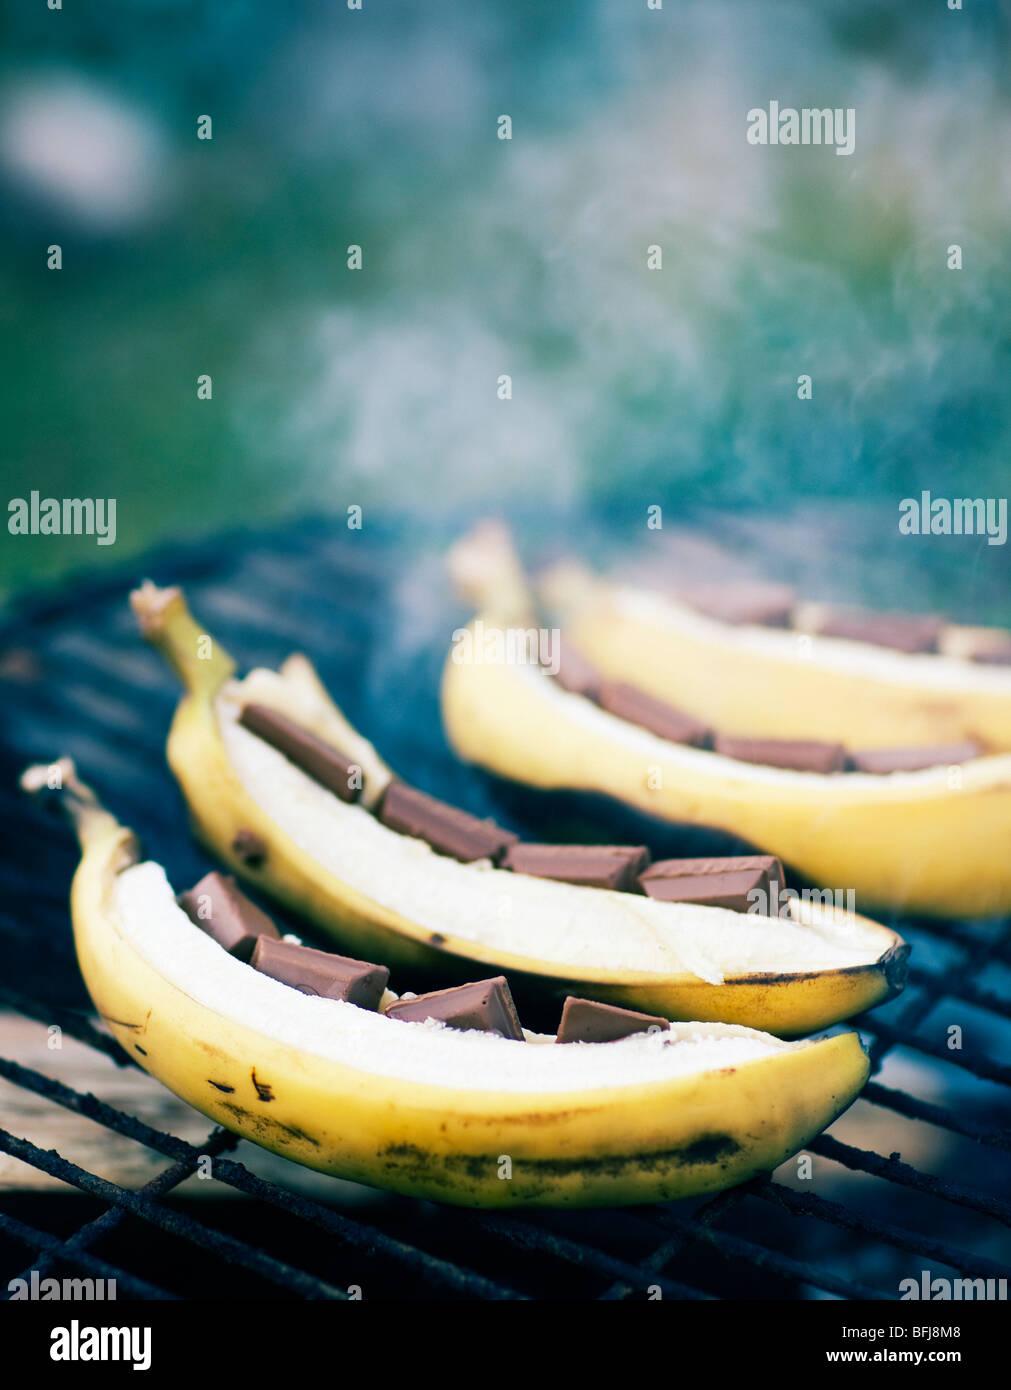 La banane avec du chocolat sur un barbecue, la Suède. Photo Stock